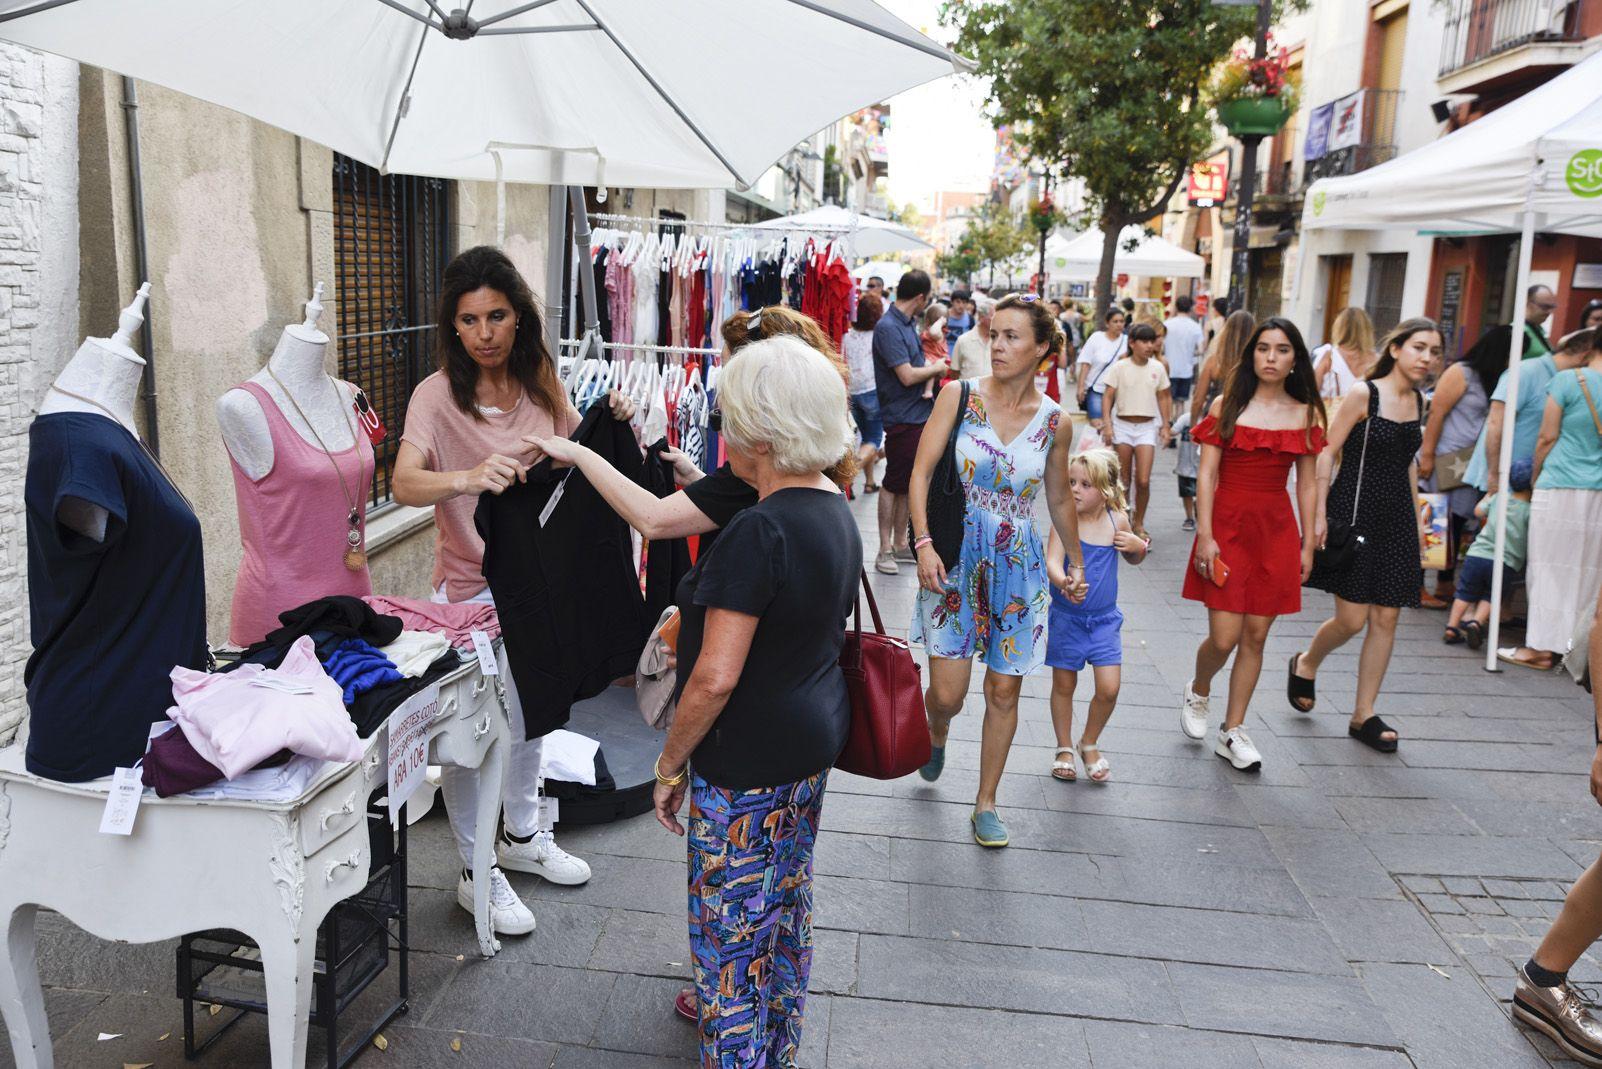 La botiga al carrer per Festa Major. Foto: Bernat Millet.